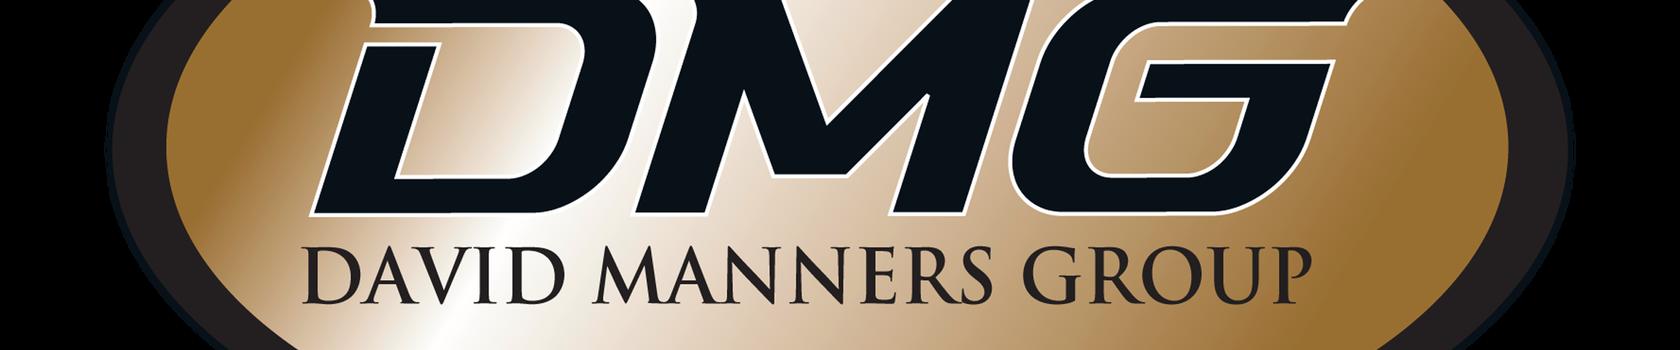 David Manners Logos